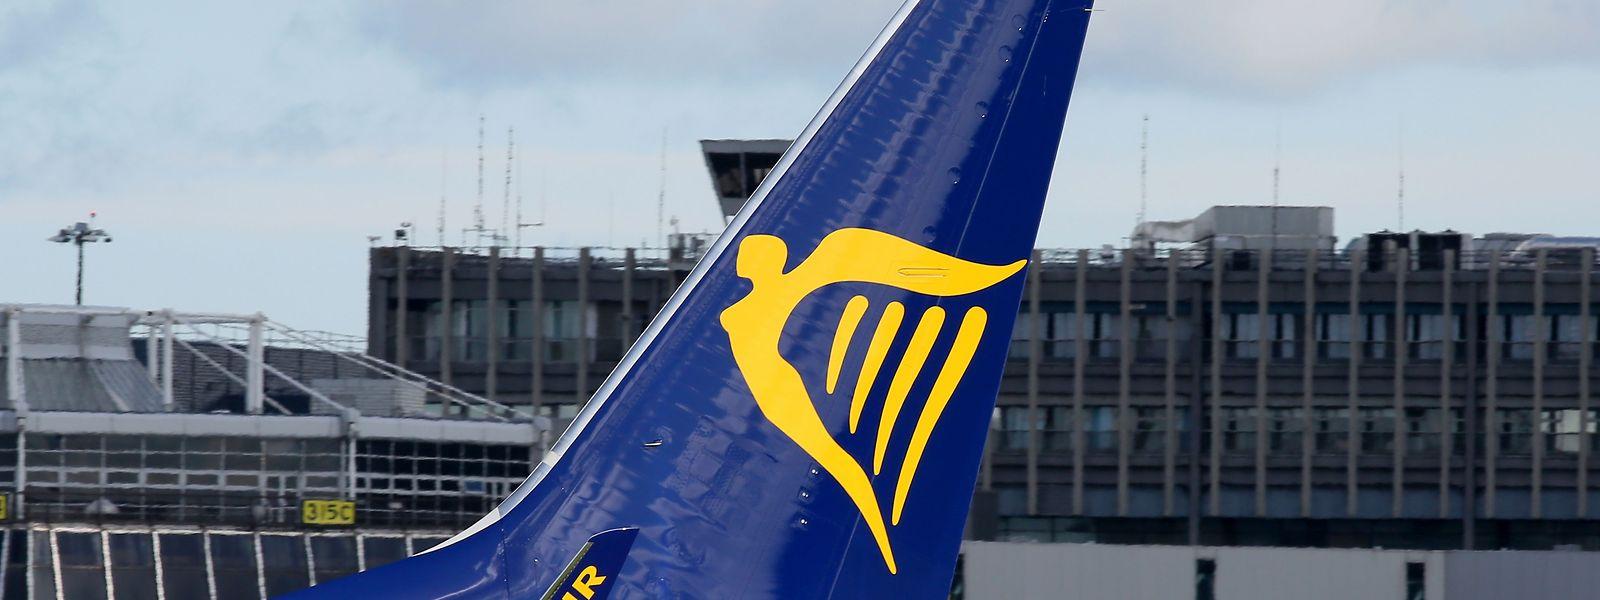 Es ist der erste Streik in der Geschichte des 1985 gegründeten Billigfliegers, der die höchsten Passagierzahlen in ganz Europa aufweist.